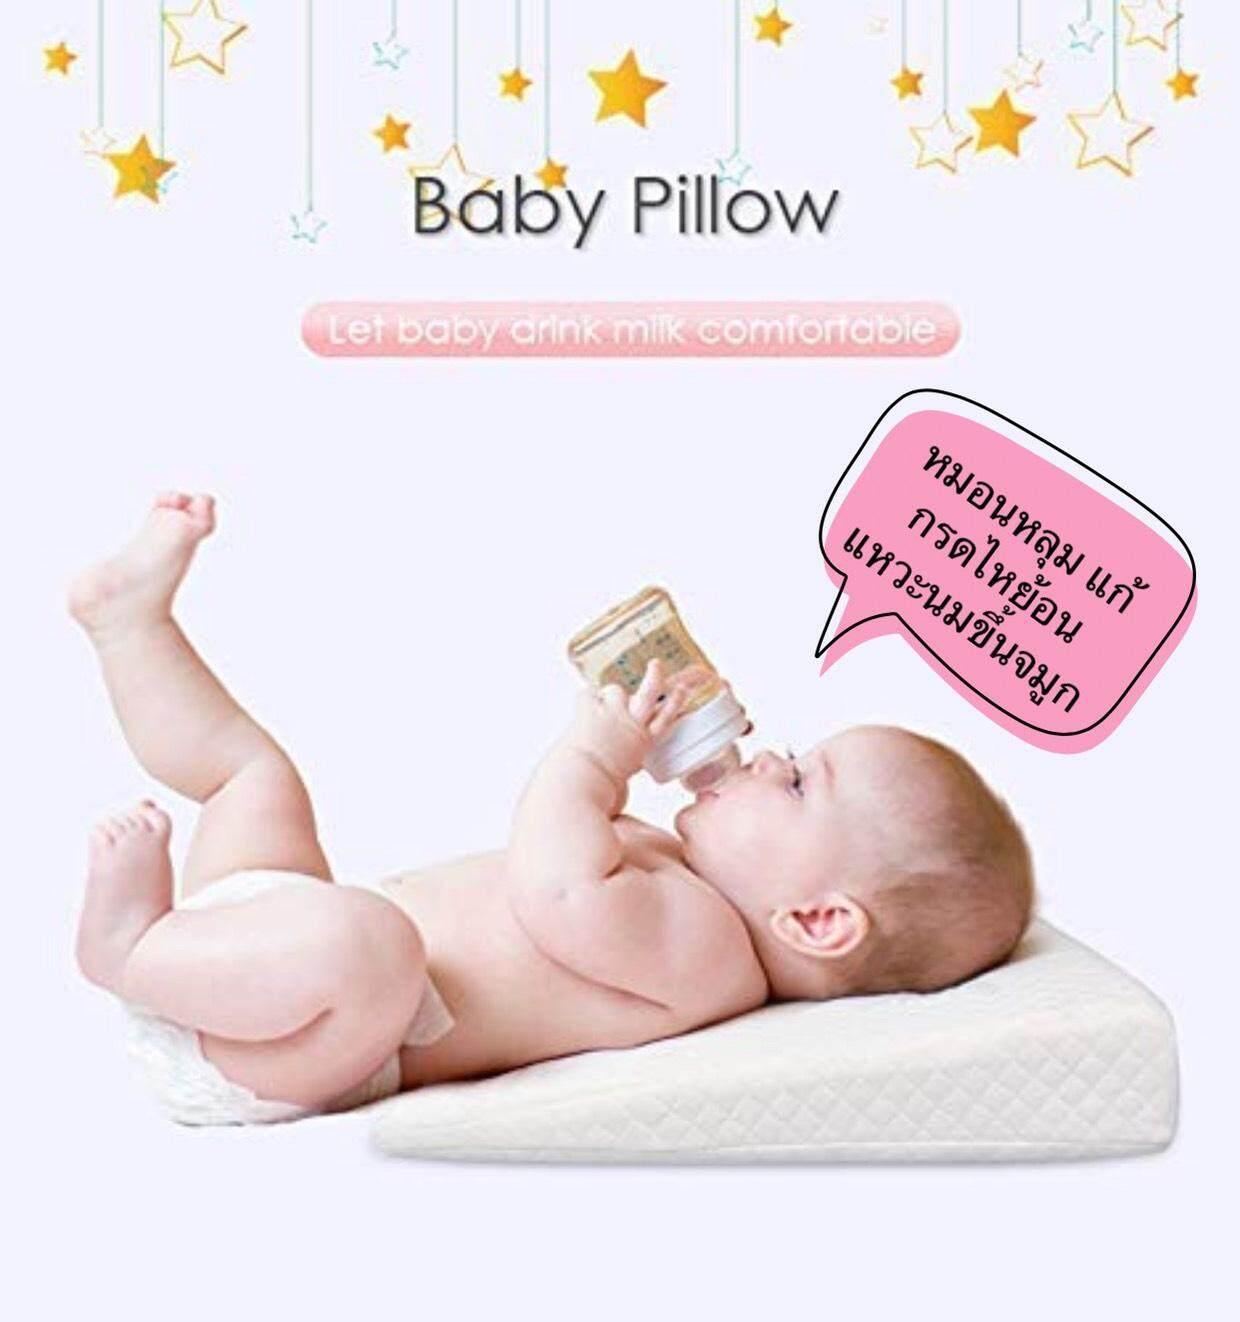 แนะนำ หมอนกันแหวะนมเด็ก ( ขนาด 40*34*6cm ) หมอนป้องกันกรดไหลย้อน หมอนหลุม หมอนหัวทุย หมอนทารก หมอนเด็ก ลาดเอียง 10 องศา